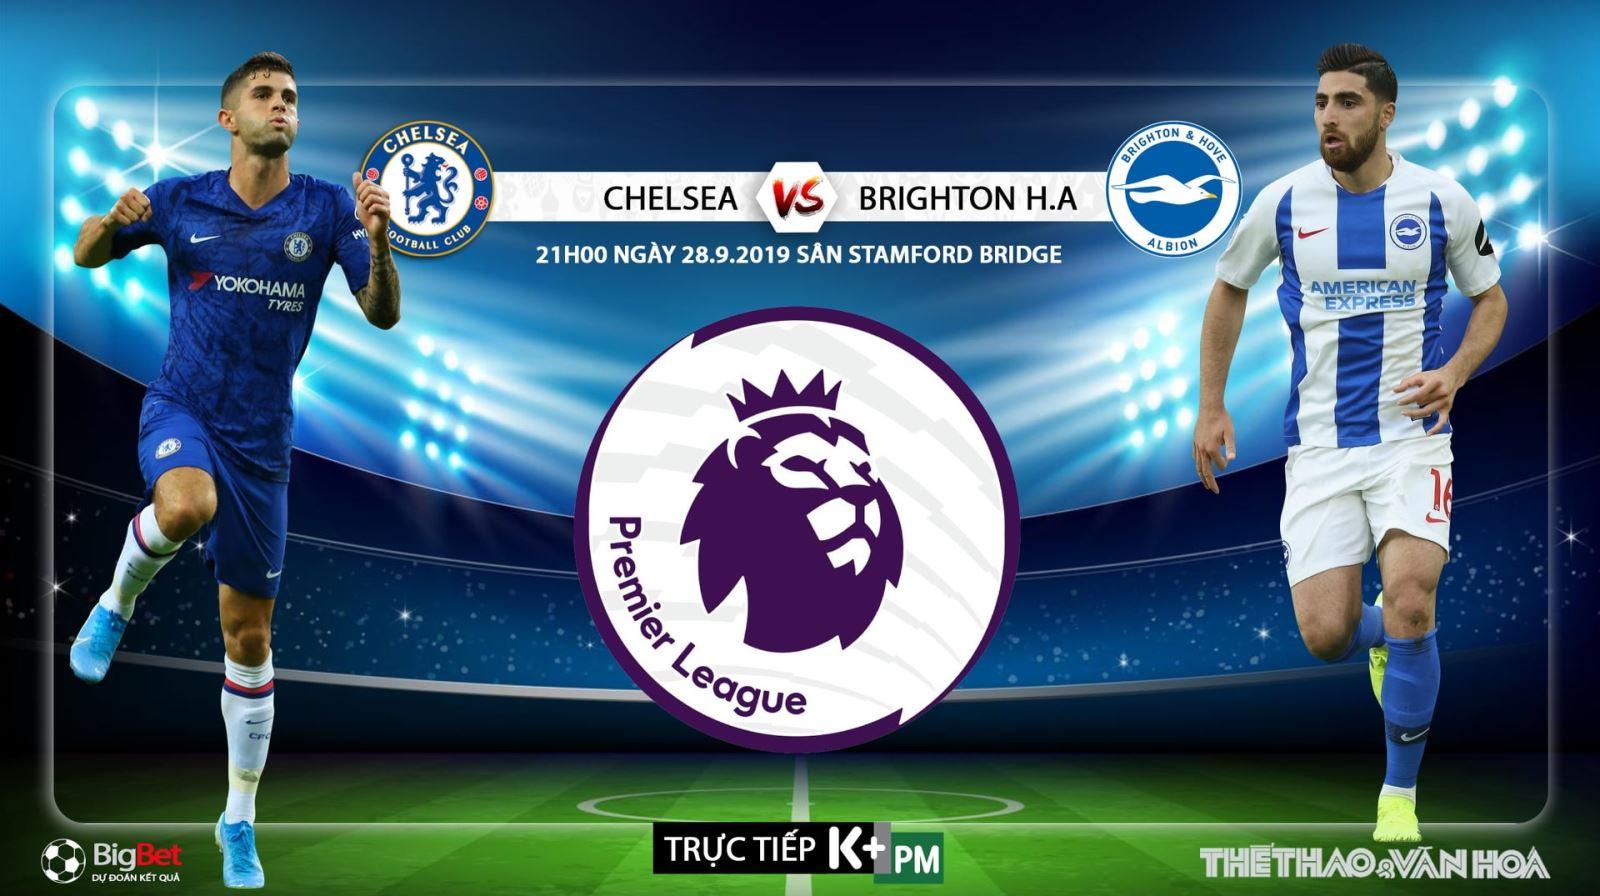 Soi kèo bóng đá: Chelsea đấu với Brighton, Ngoại hạng Anh. Trực tiếp K+, K+ PM